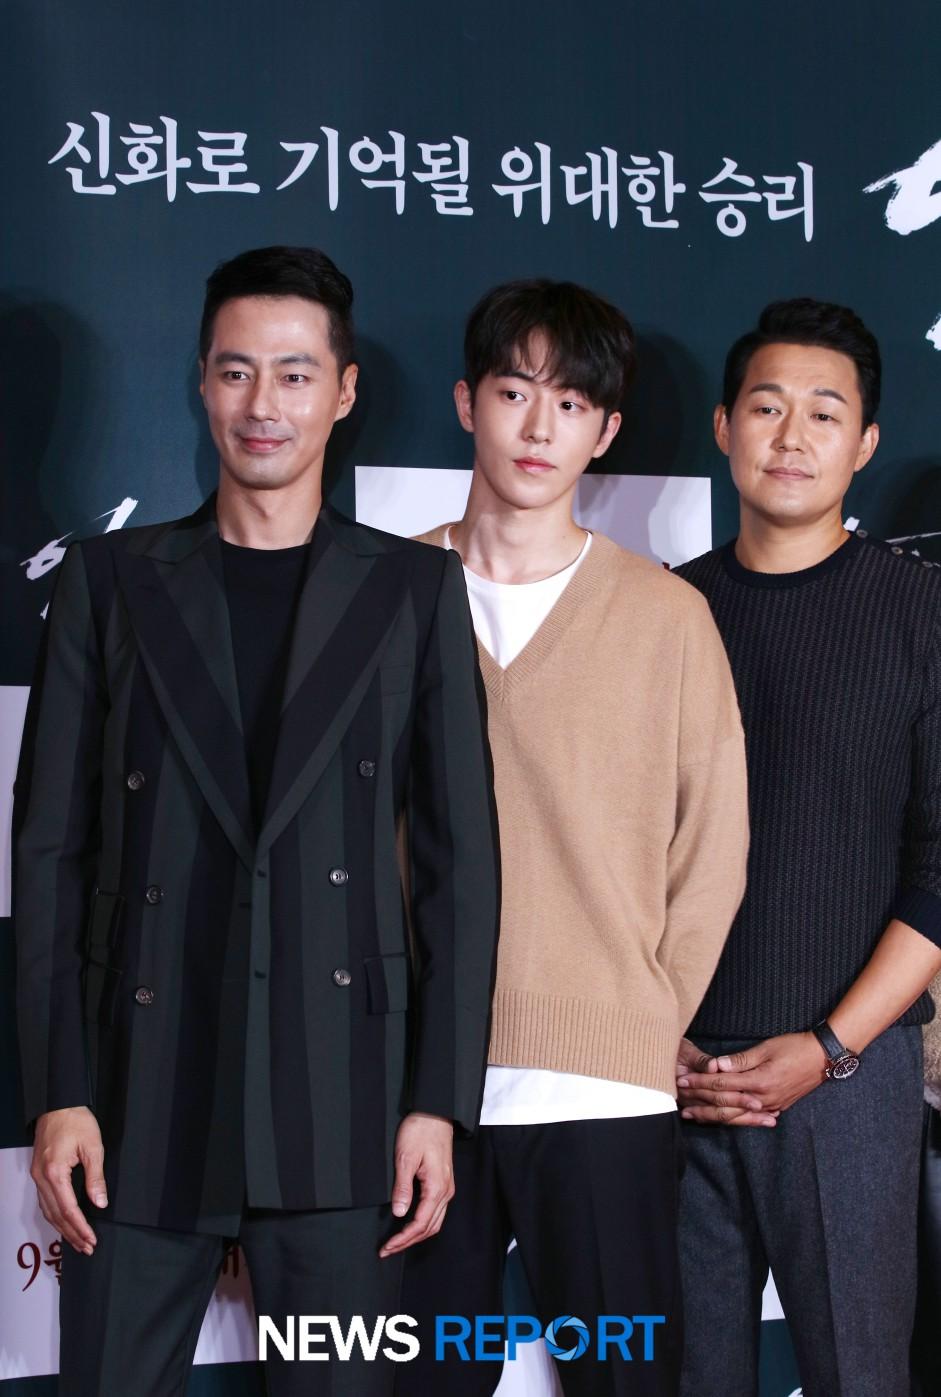 영화 안시성 VIP시사회 조인성 남주혁 박성웅 뉴스리포트